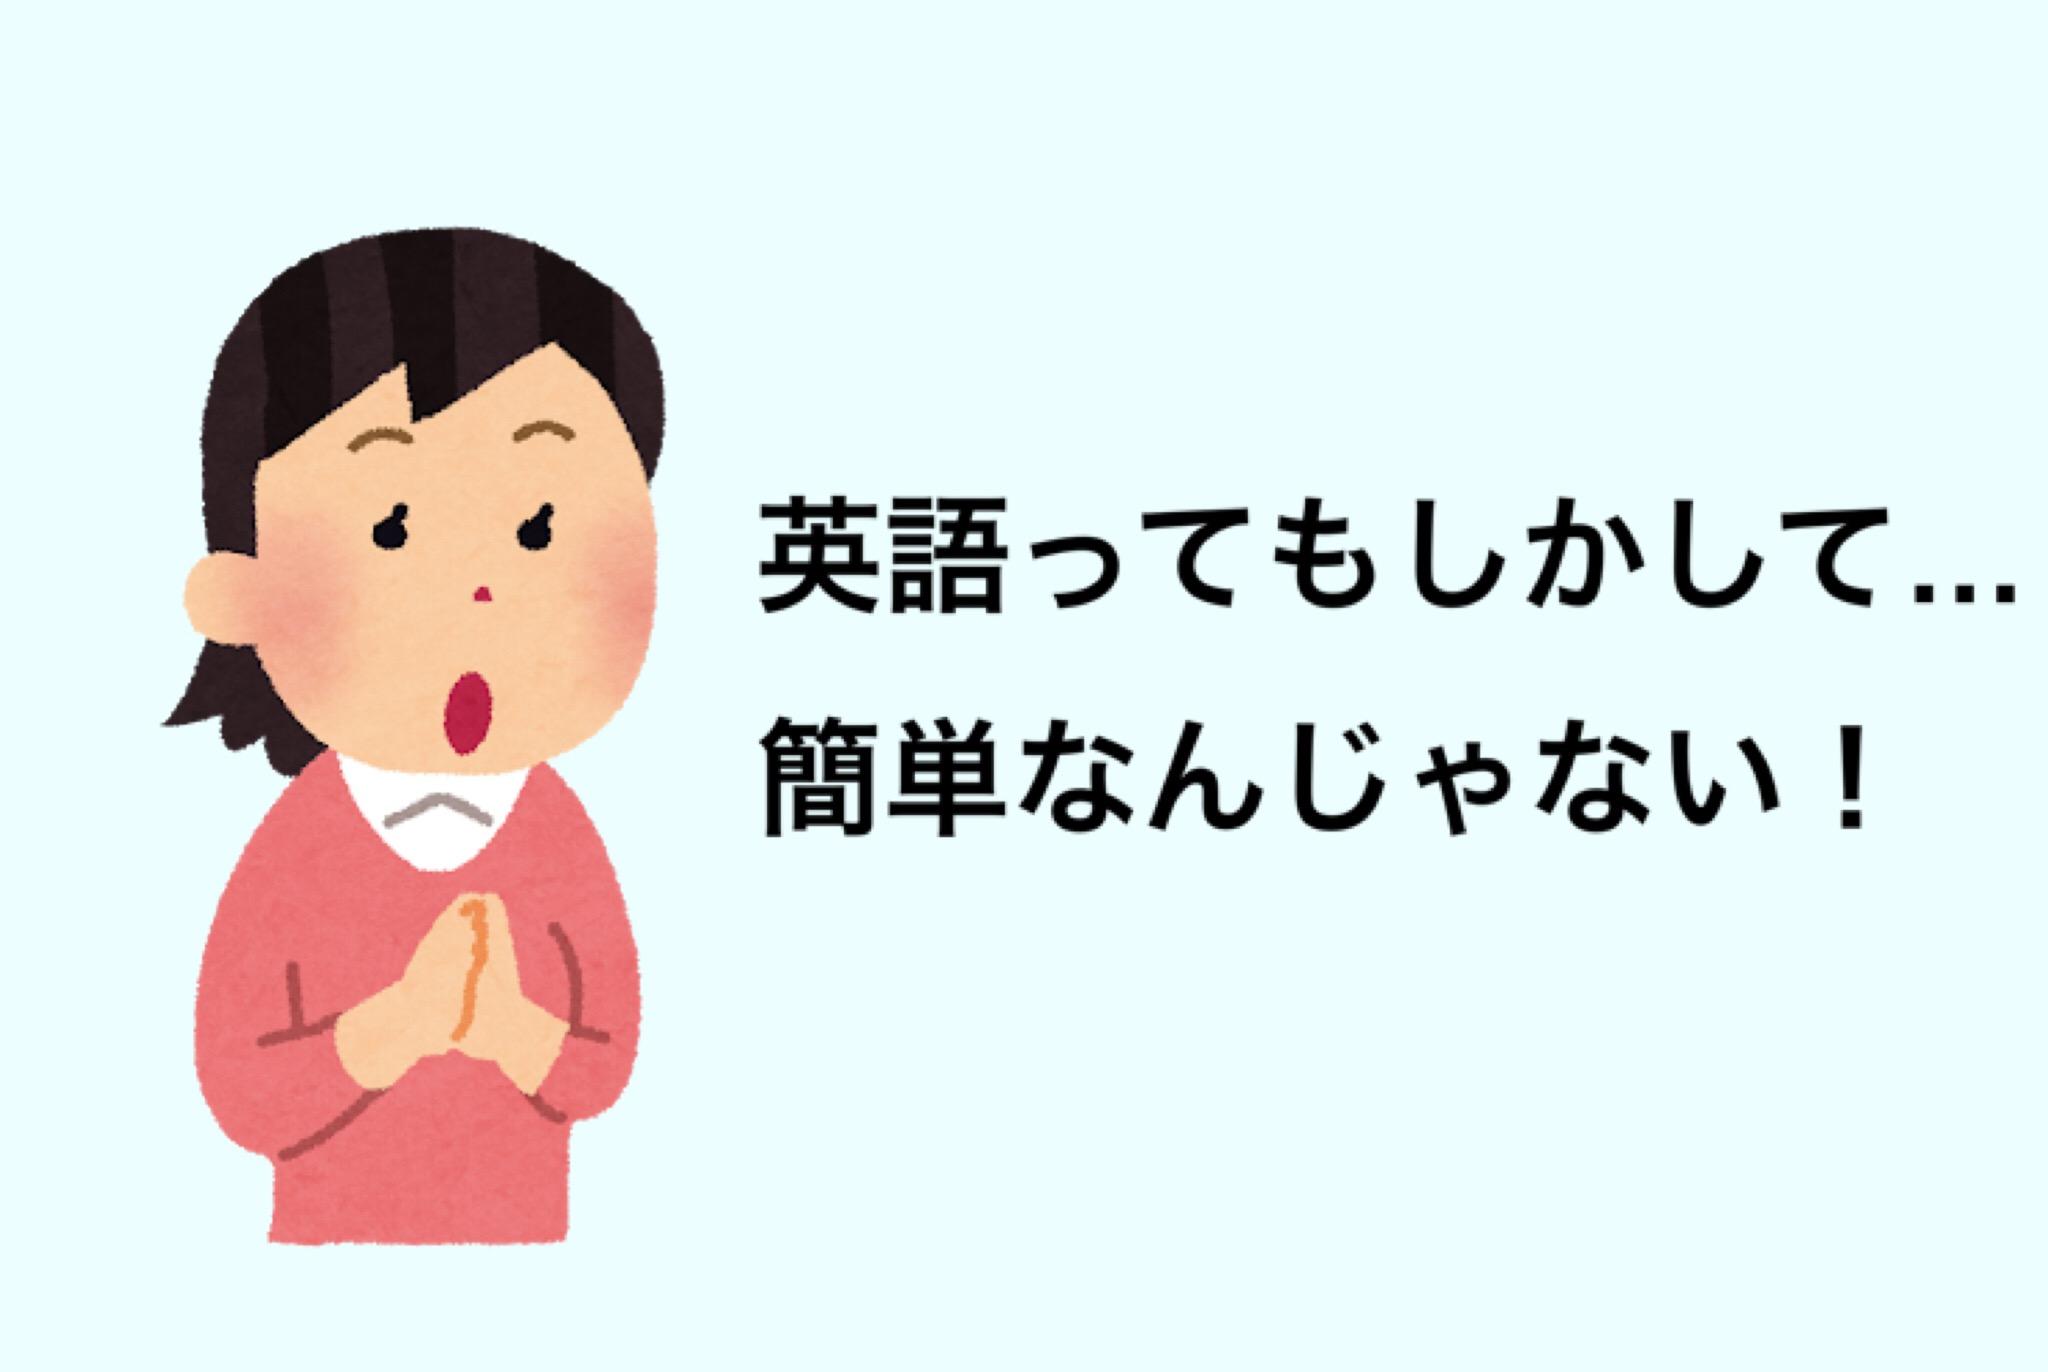 英語ってもしかして簡単なんじゃない!